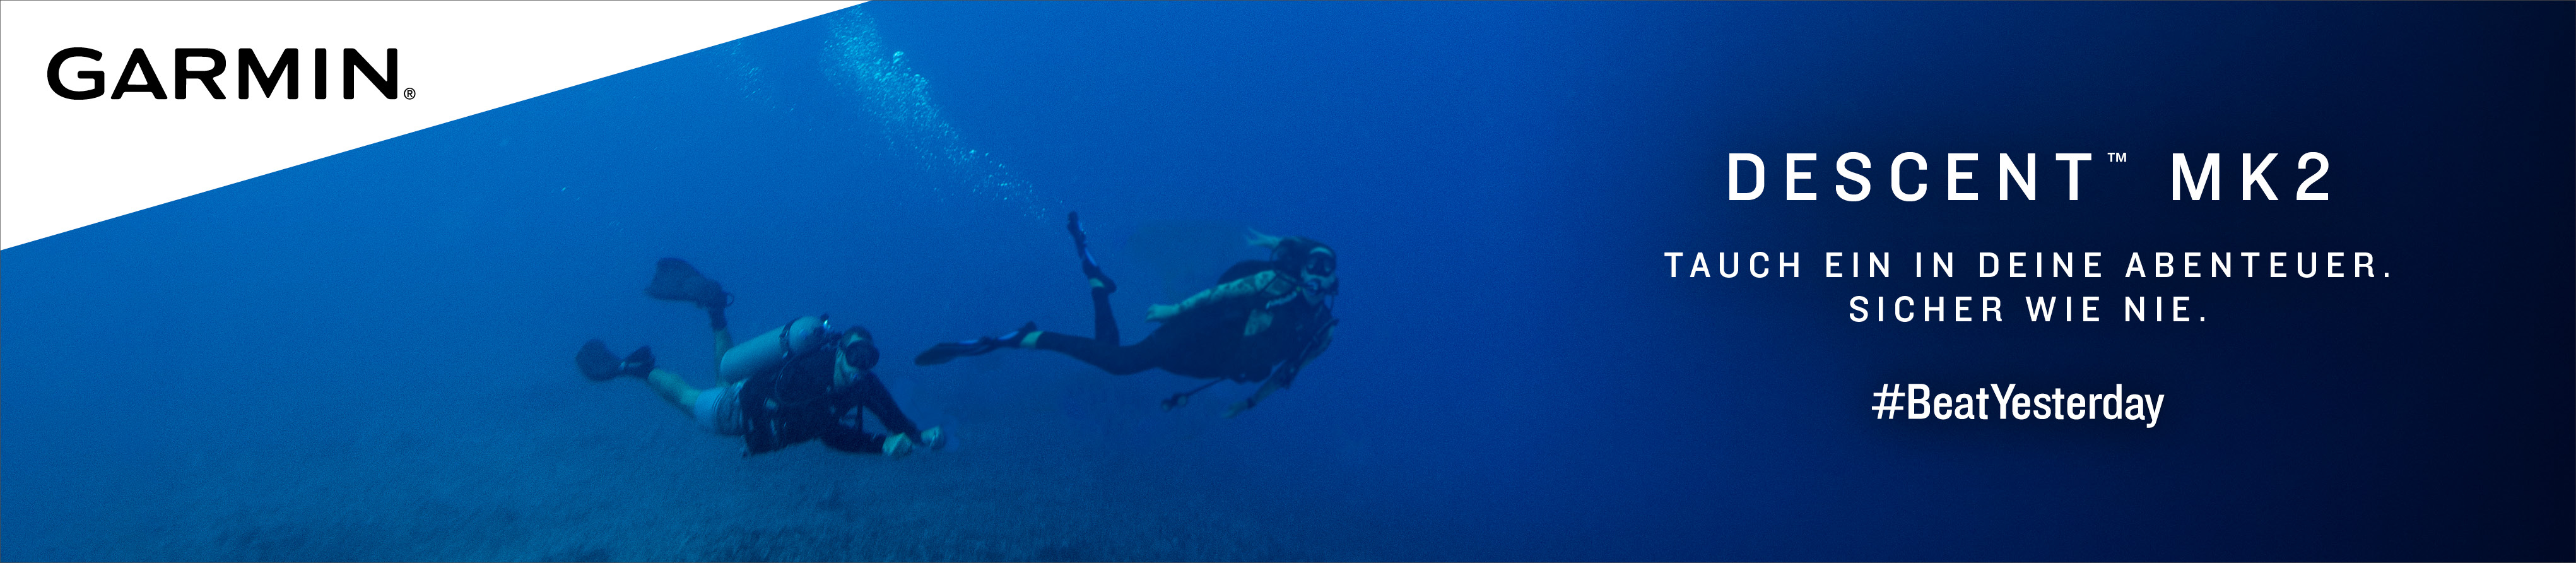 Descent MK2 Diver